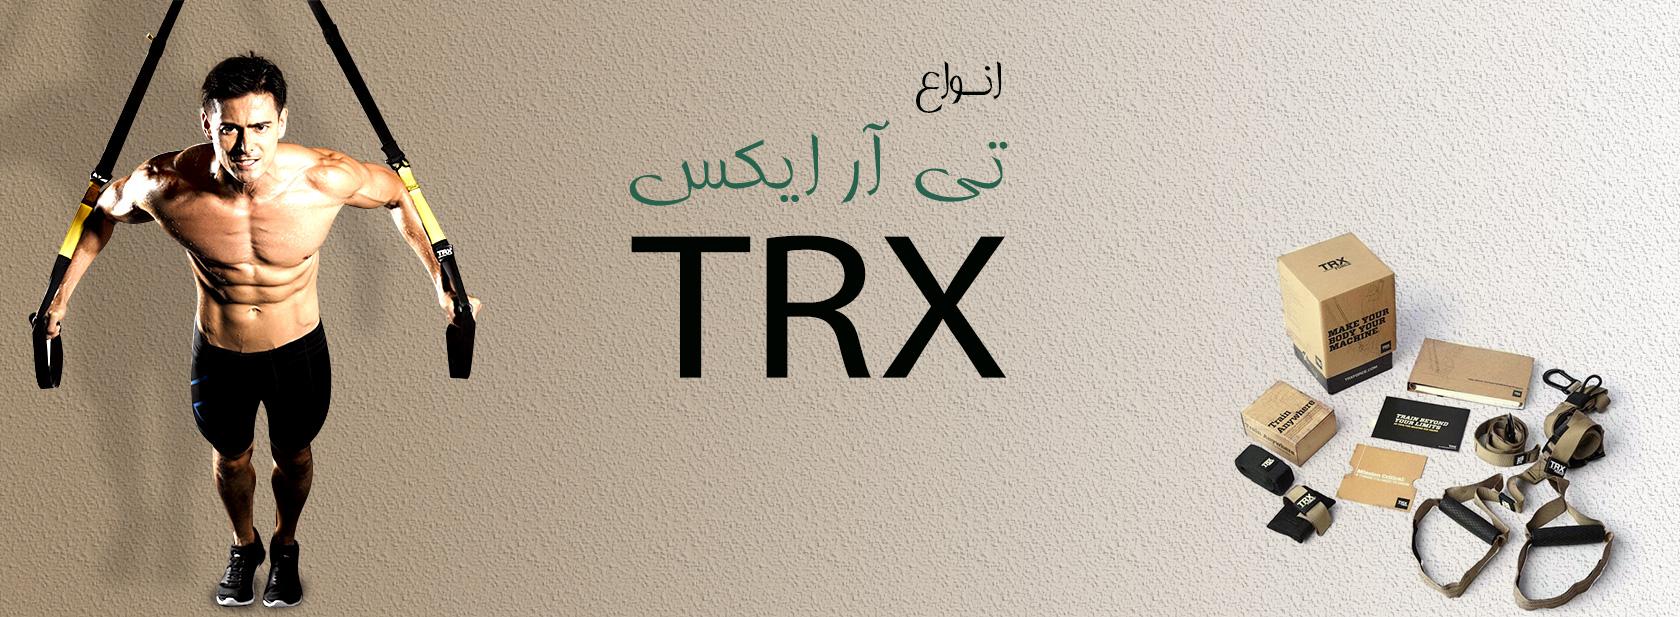 trx 2